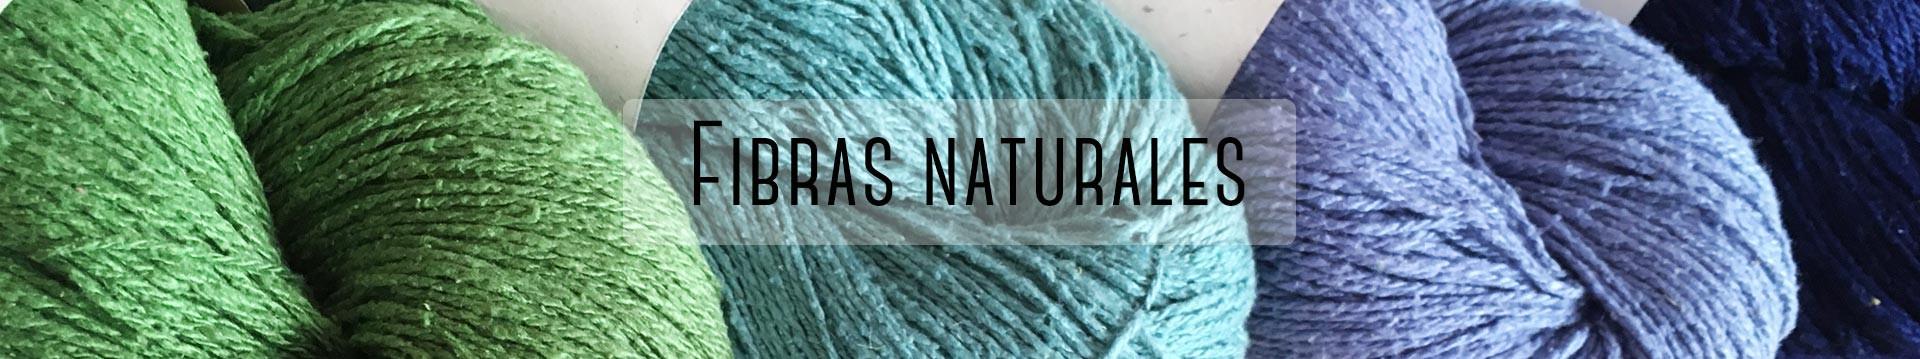 hilos y fibras naturales para tejer